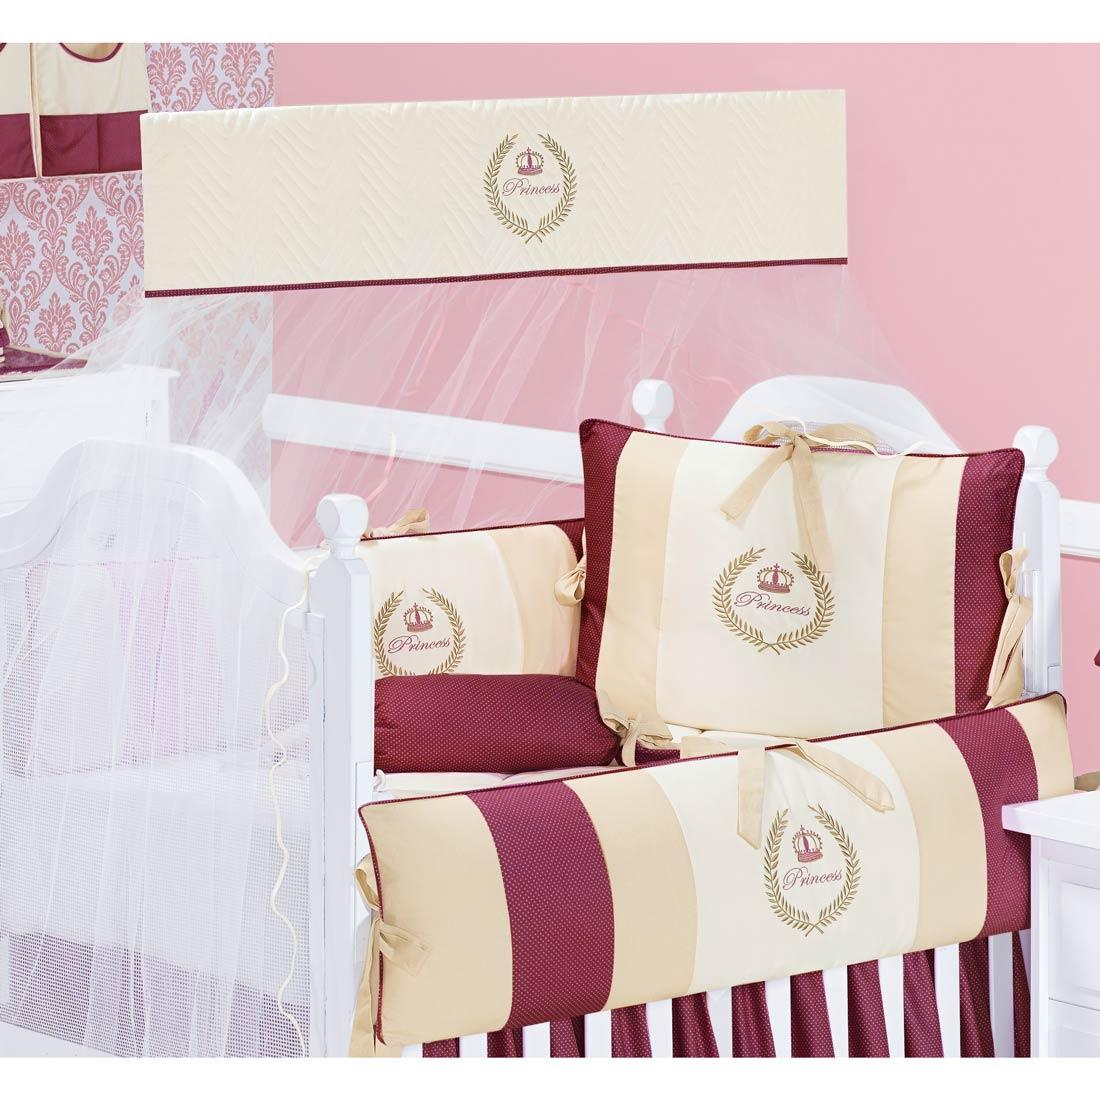 Coleção Completa para Quarto de Bebê My Princess Bordo 100% Algodão - 21 Peças